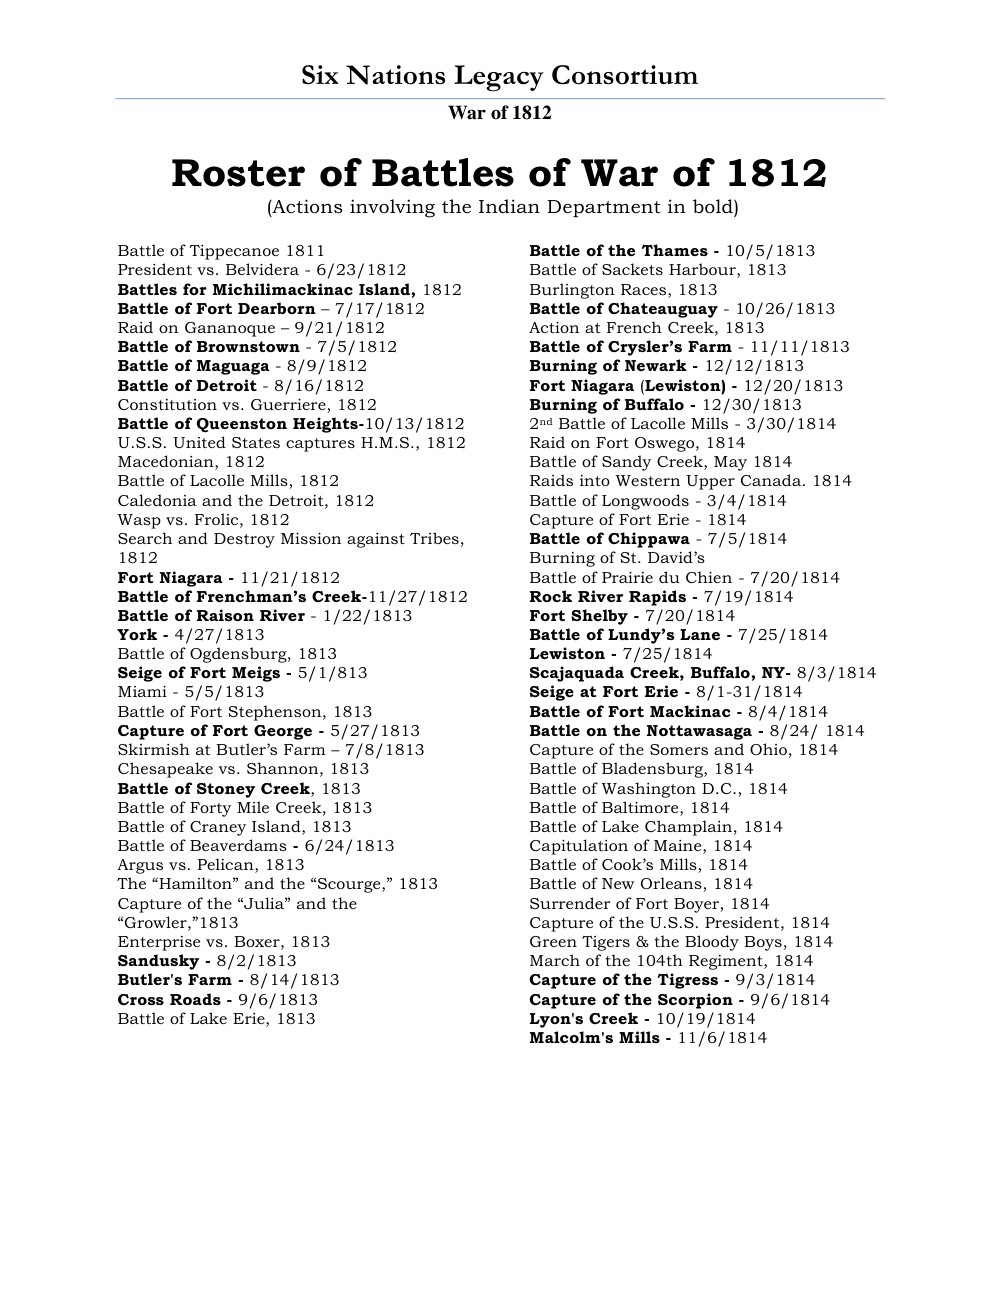 War of 1812 Series (15): Roster of Battles of War of 1812